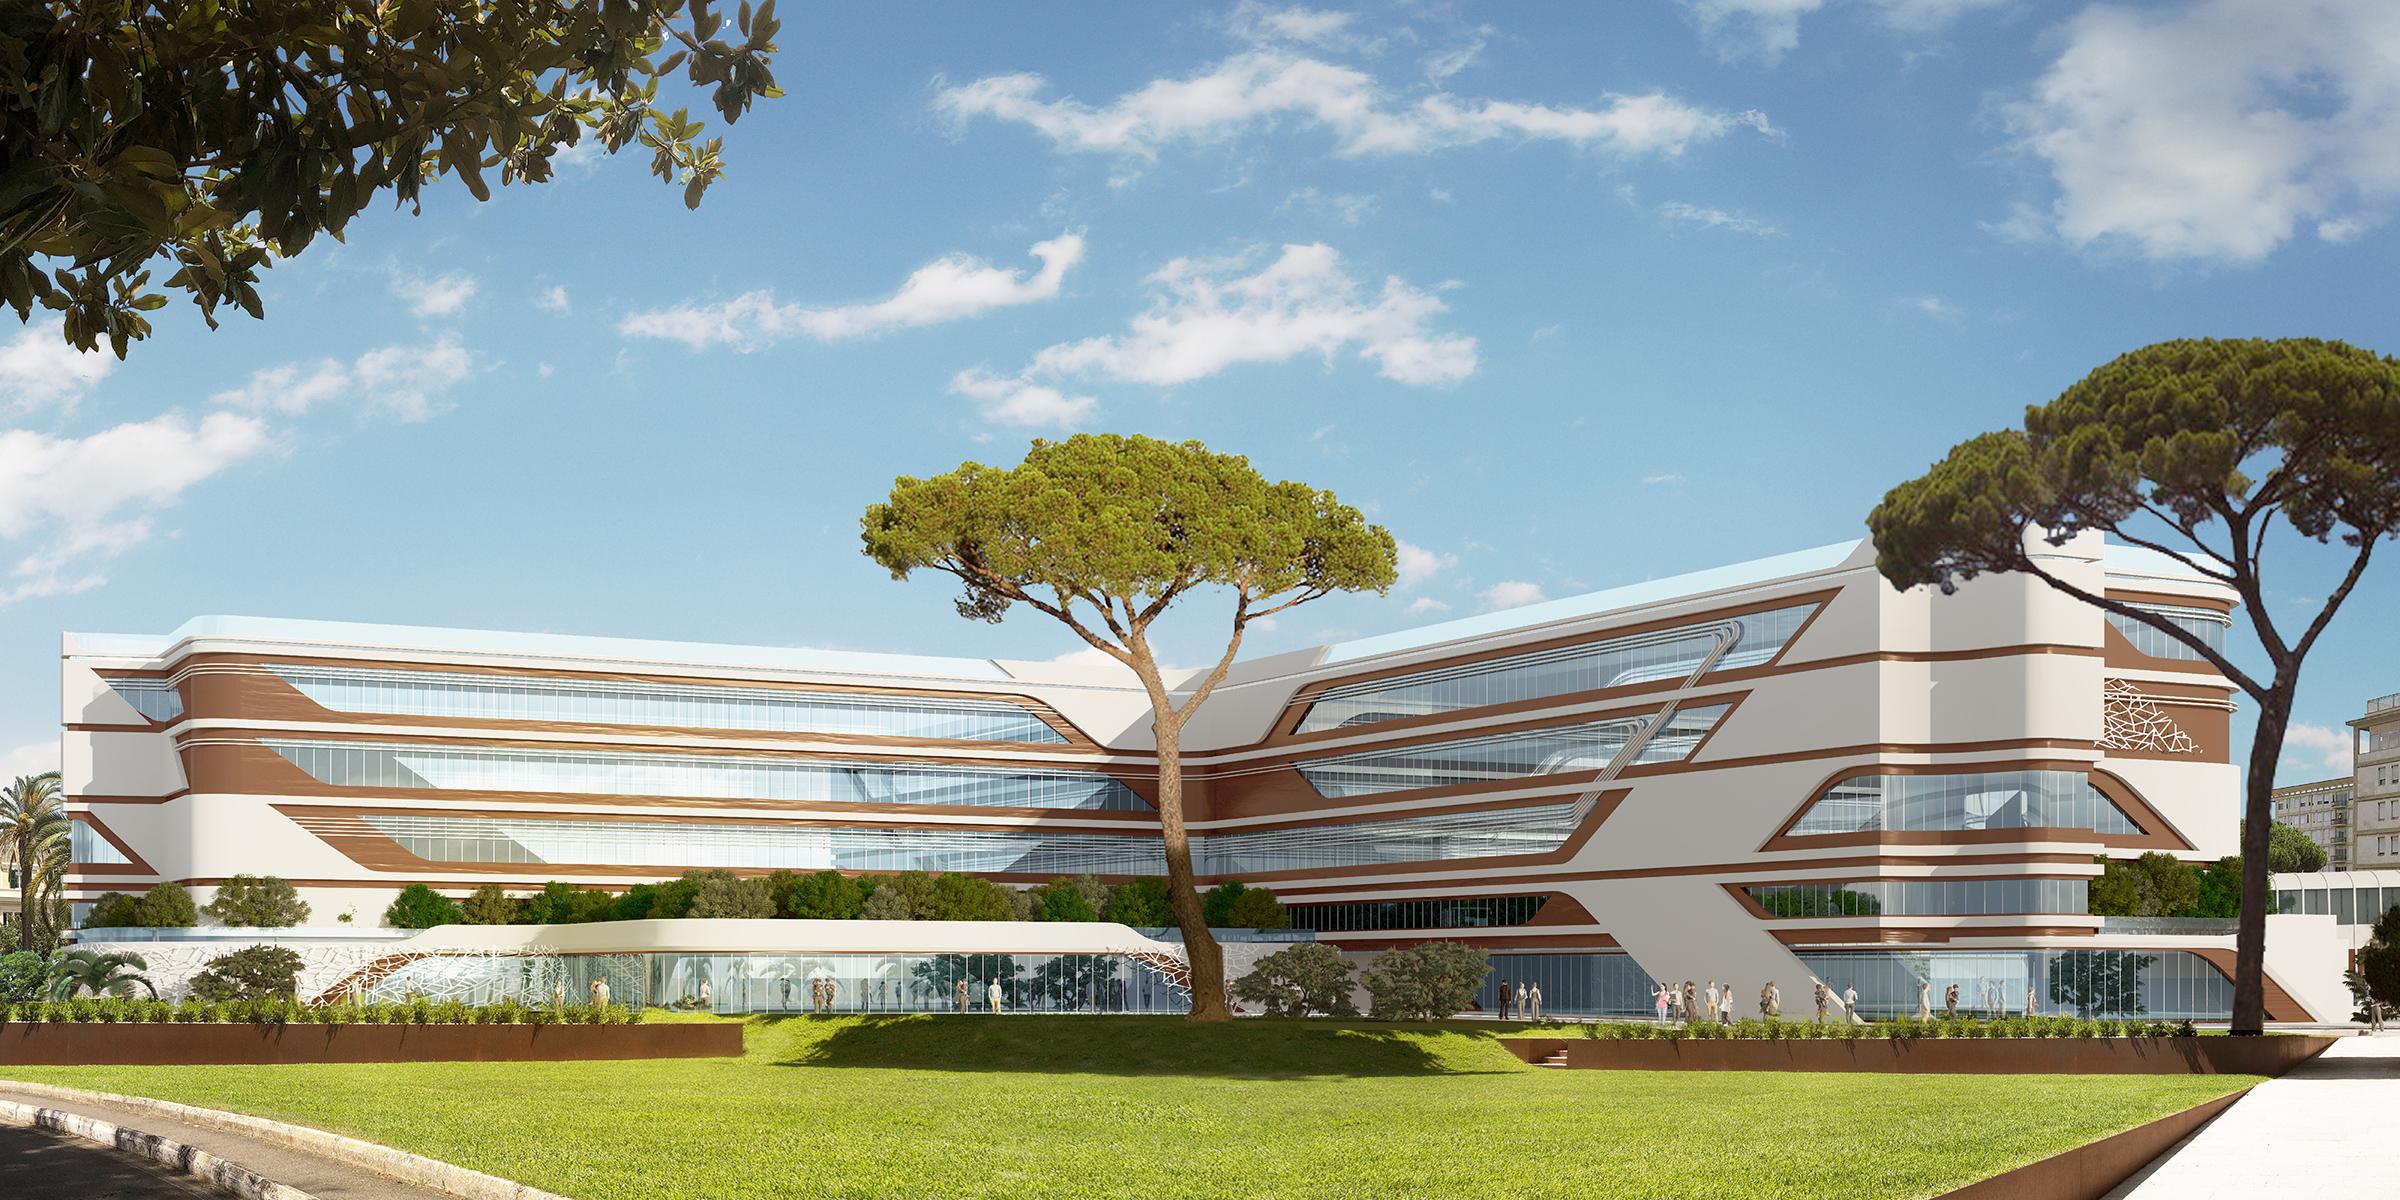 Architetto Callegari Giulia, Binini Partners, Società di architettura e ingegneria, Reggio Emilia, Italia